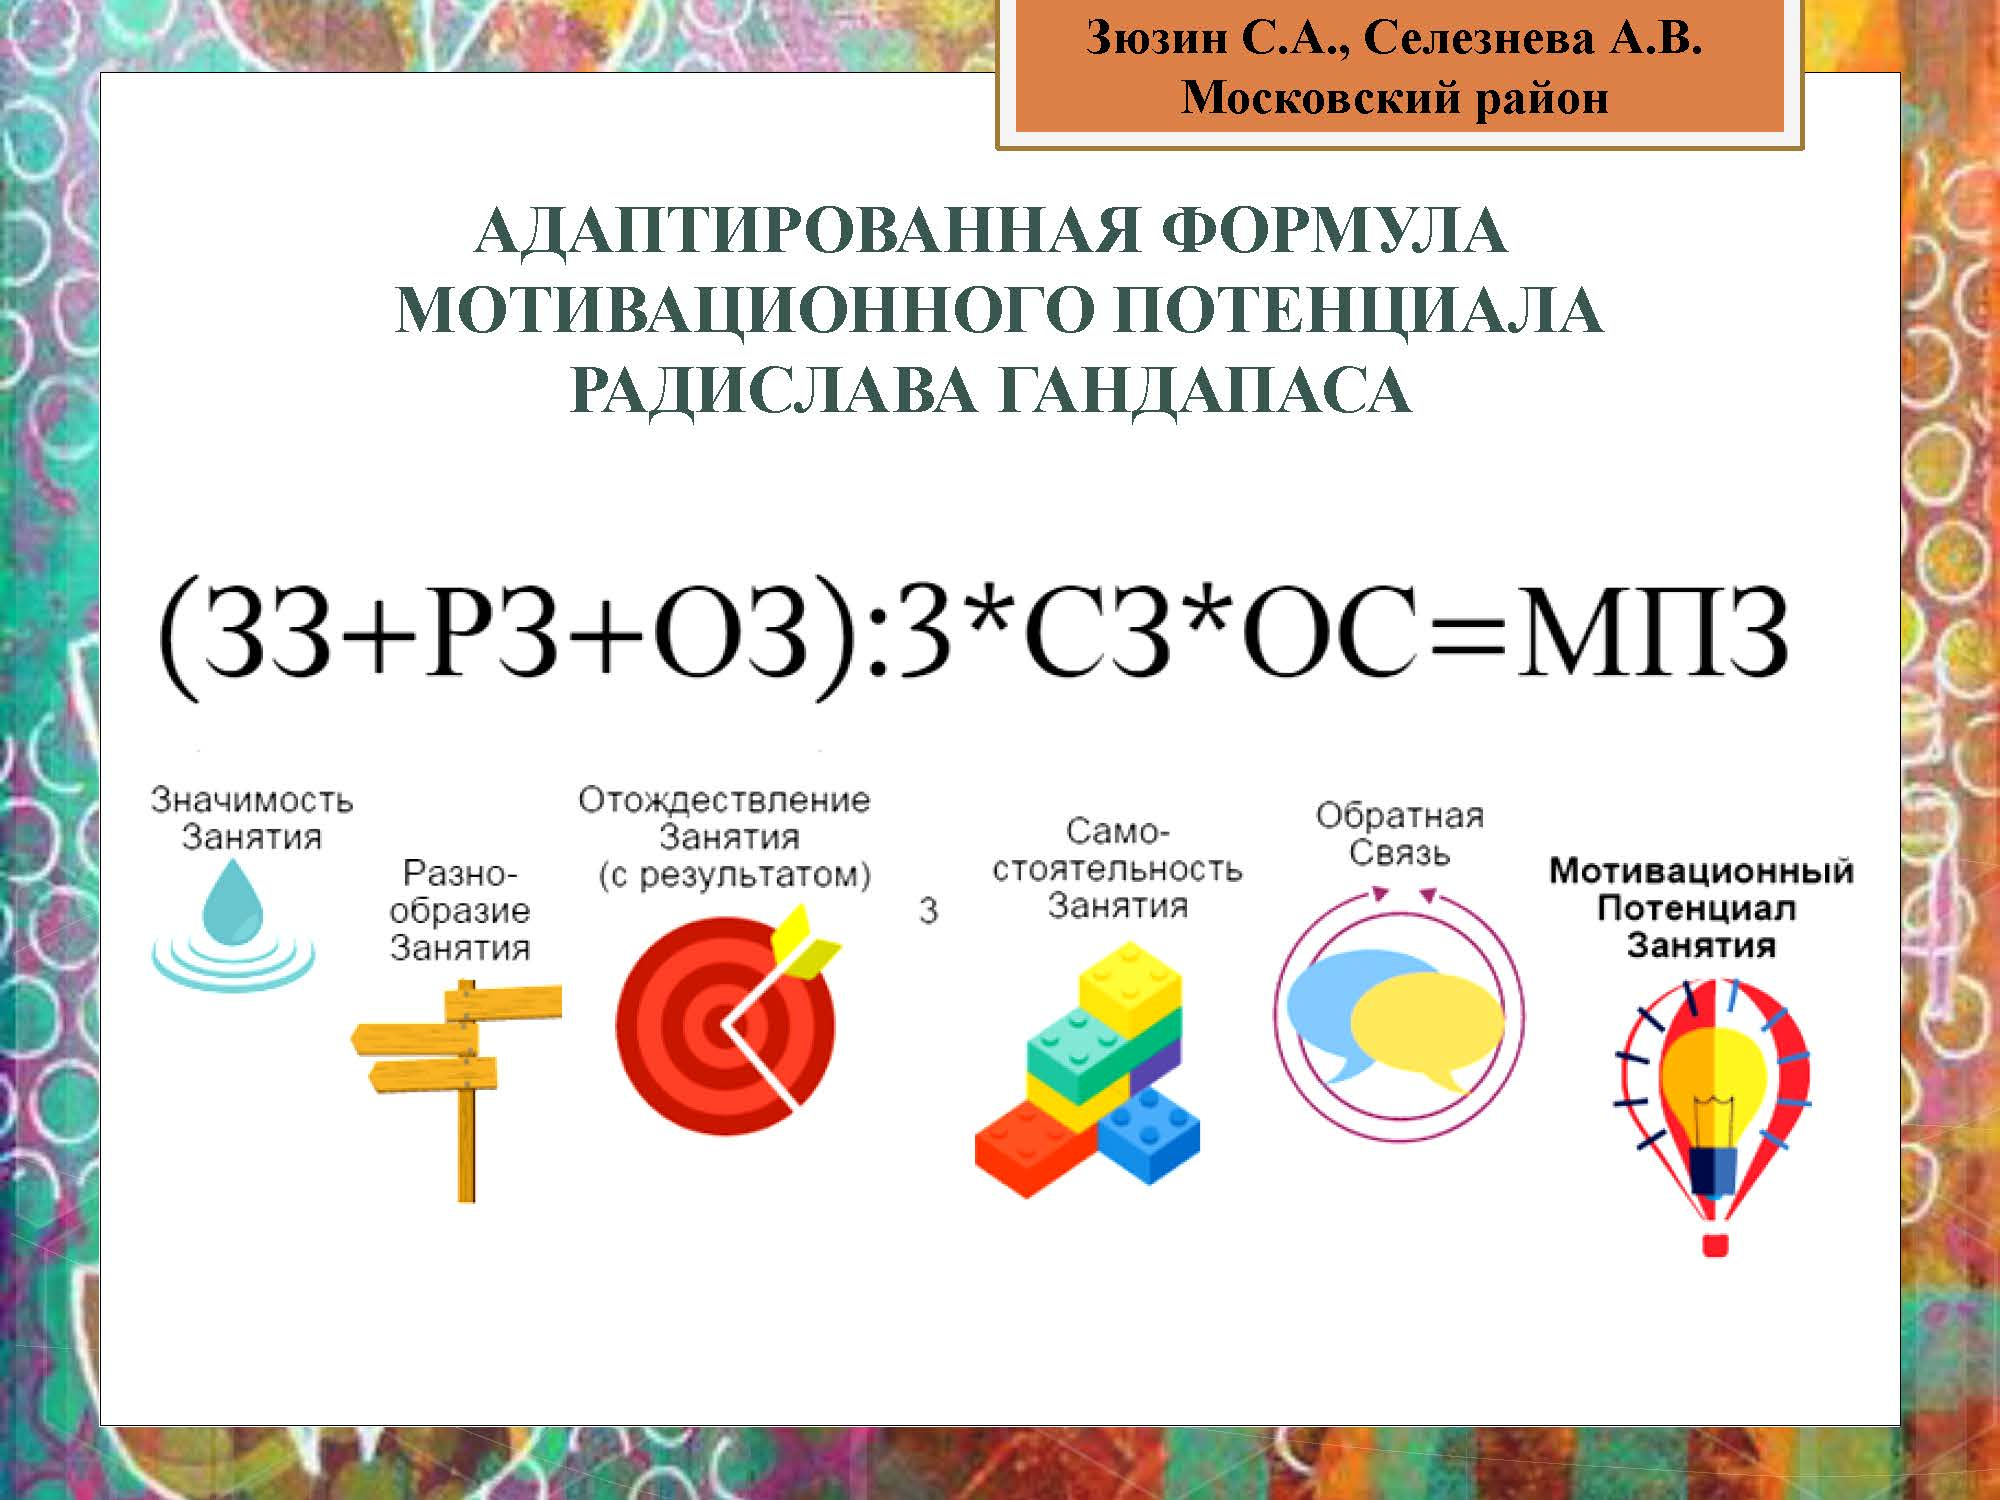 секция 8. ГБОУ 495. Московский район_Страница_27